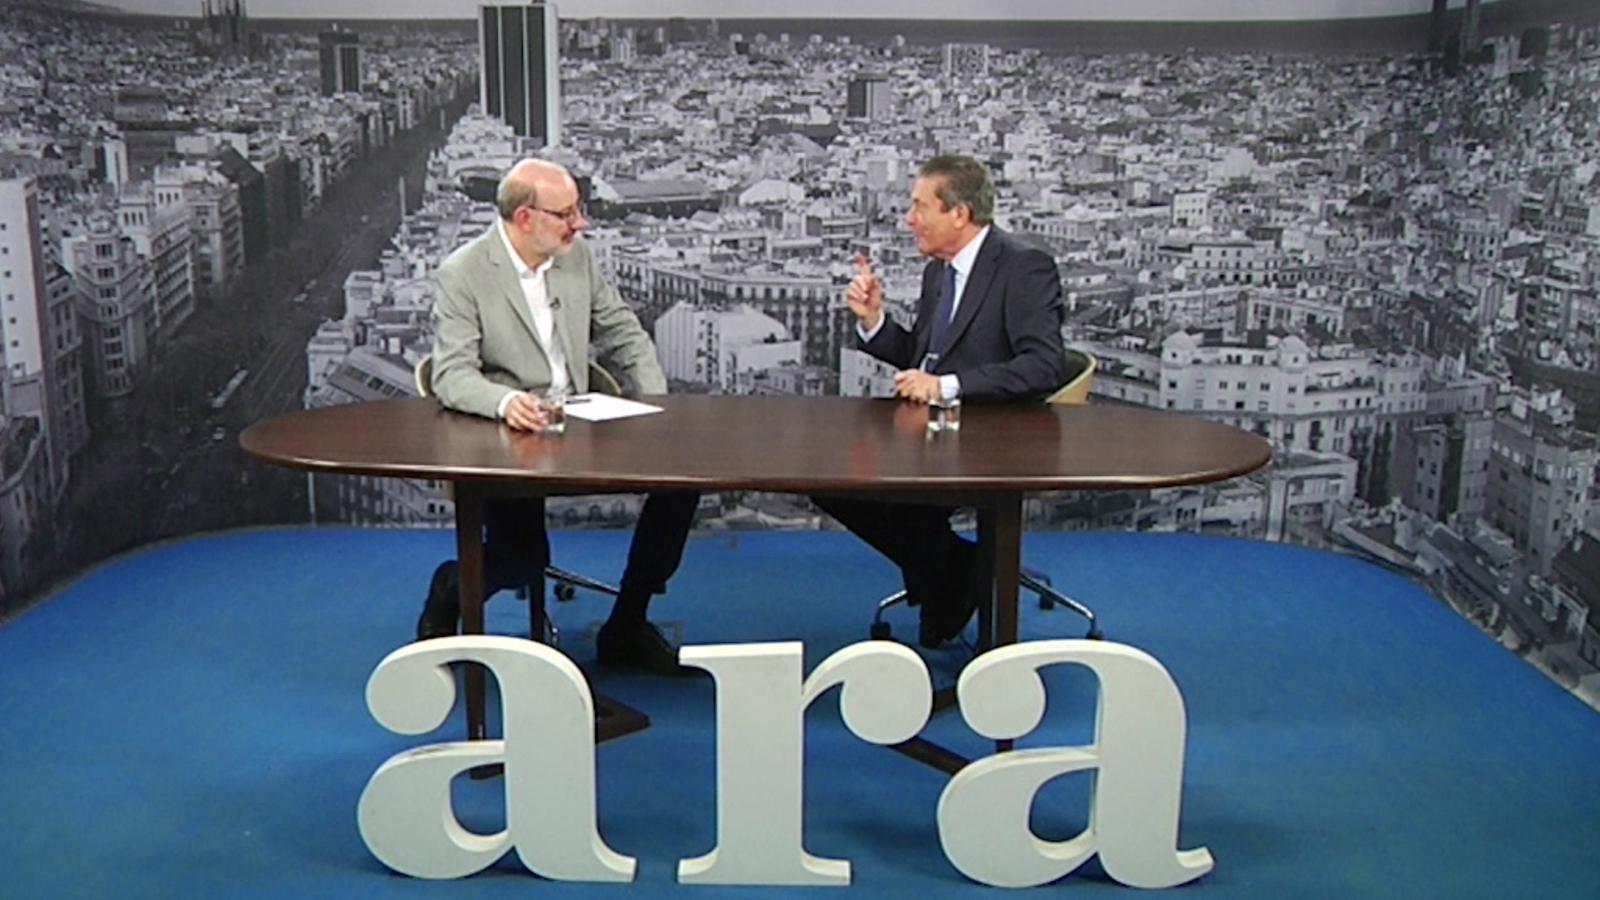 Entrevista d'Antoni Bassas a Federico Mayor Zaragoza